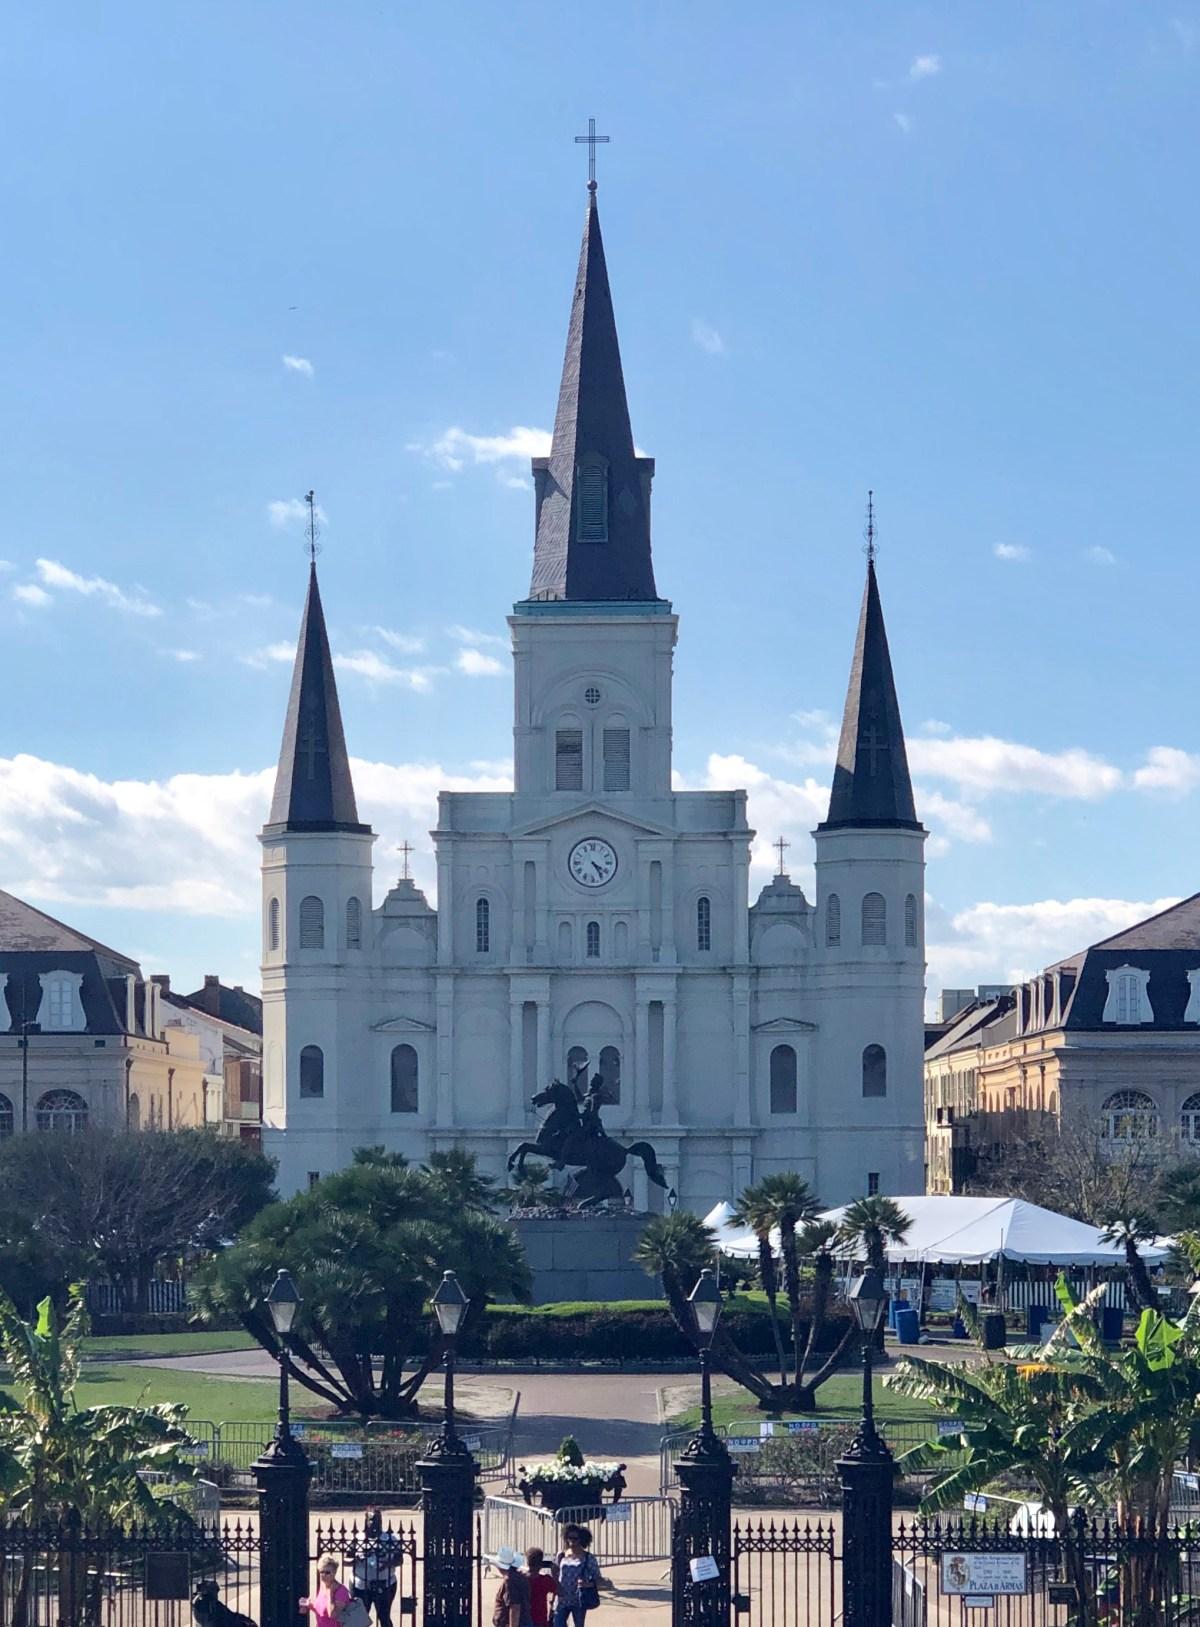 Jackson Square, New Orleans #nola #neworleans #neworleansgude #firstvisittoneworleans #jacksonsquare #stlouiscathedral